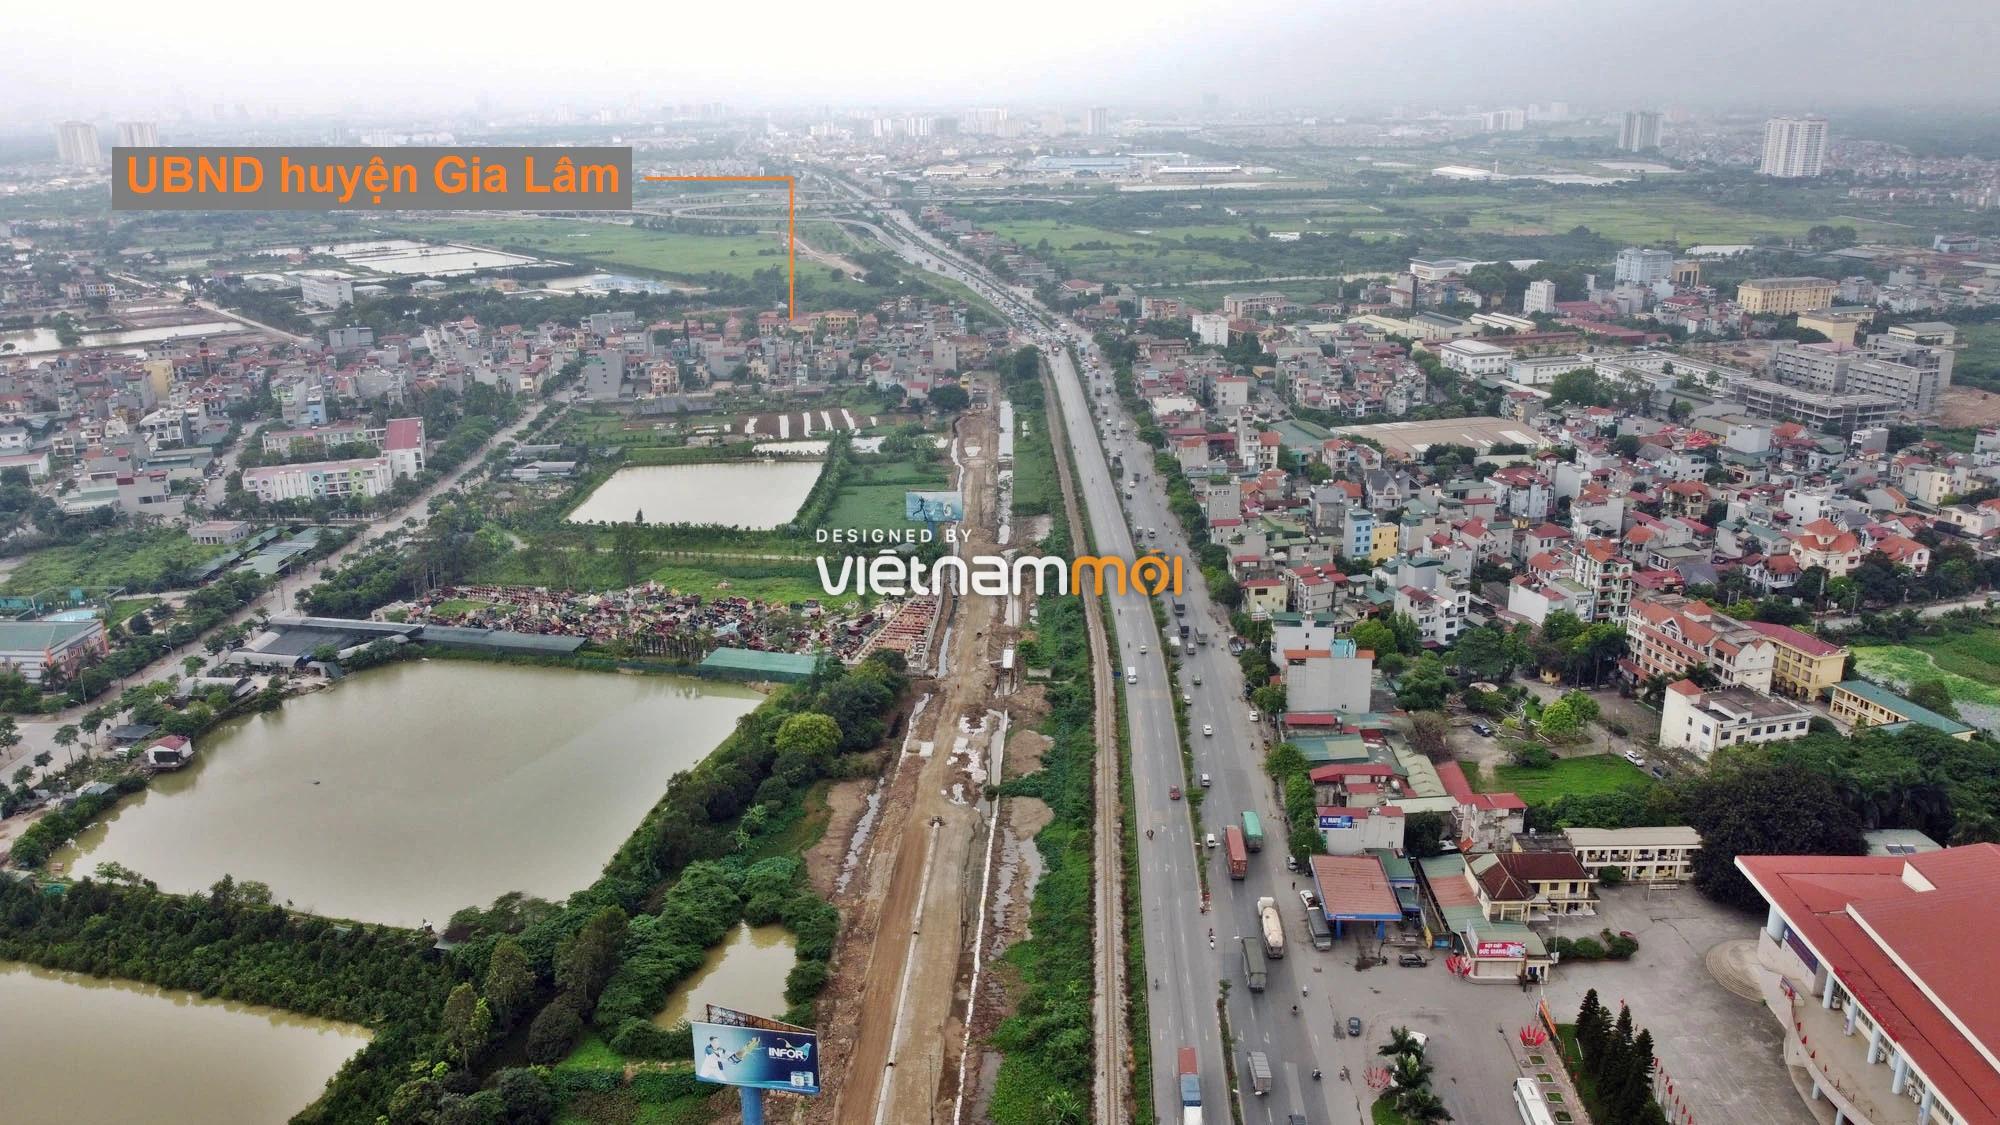 Toàn cảnh tuyến đường gom từ cầu Thanh Trì đến cầu vượt Phú Thị đang mở theo quy hoạch ở Hà Nội - Ảnh 7.